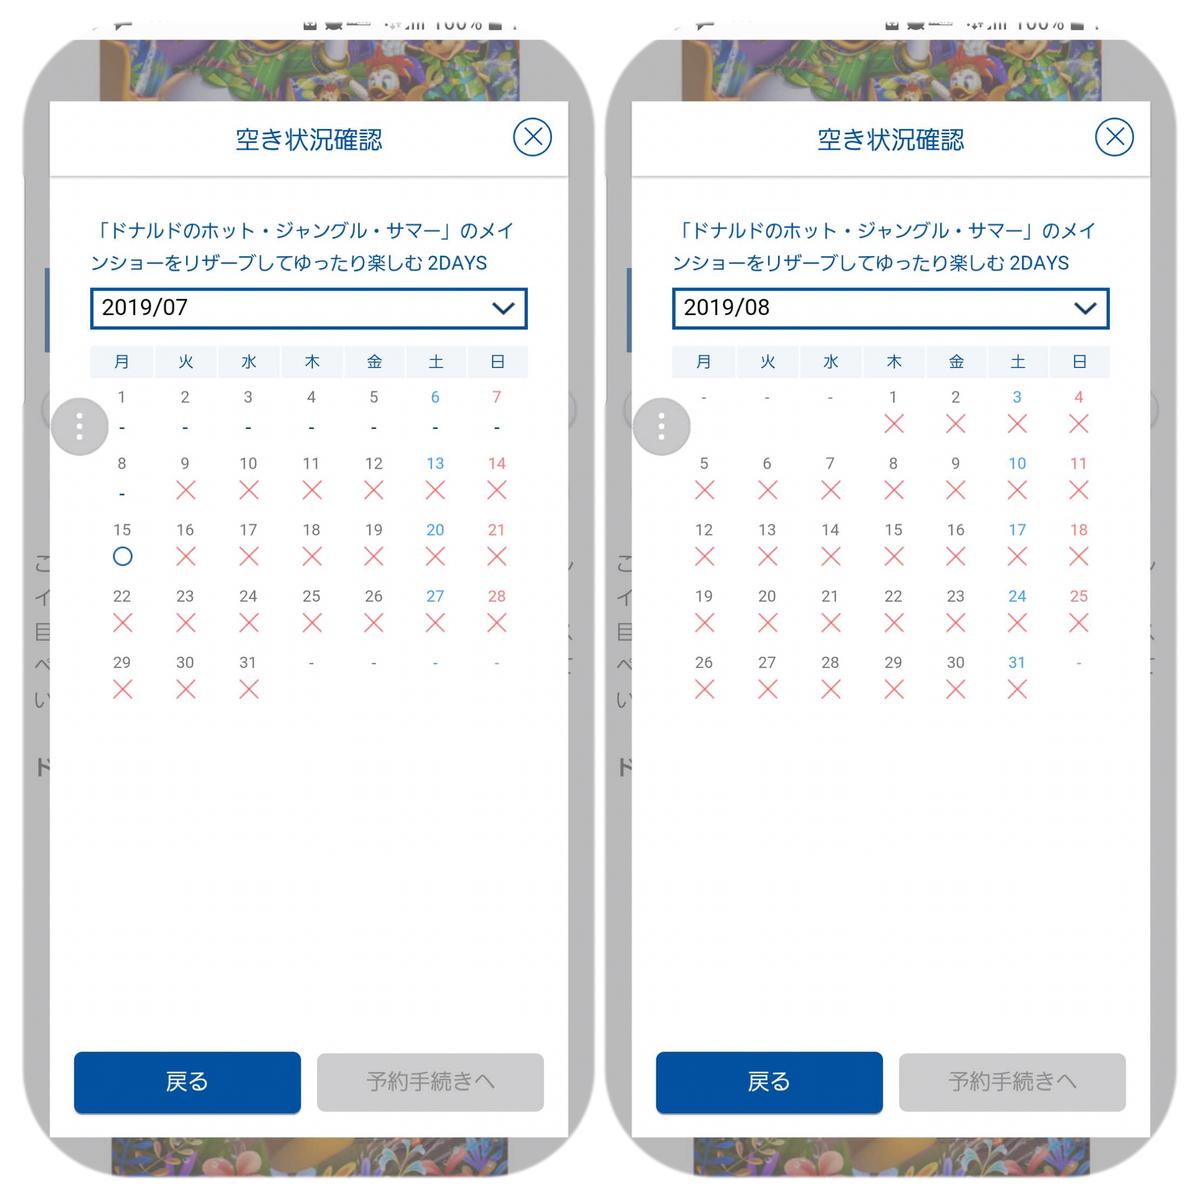 f:id:chikochikorin:20190411090411j:plain